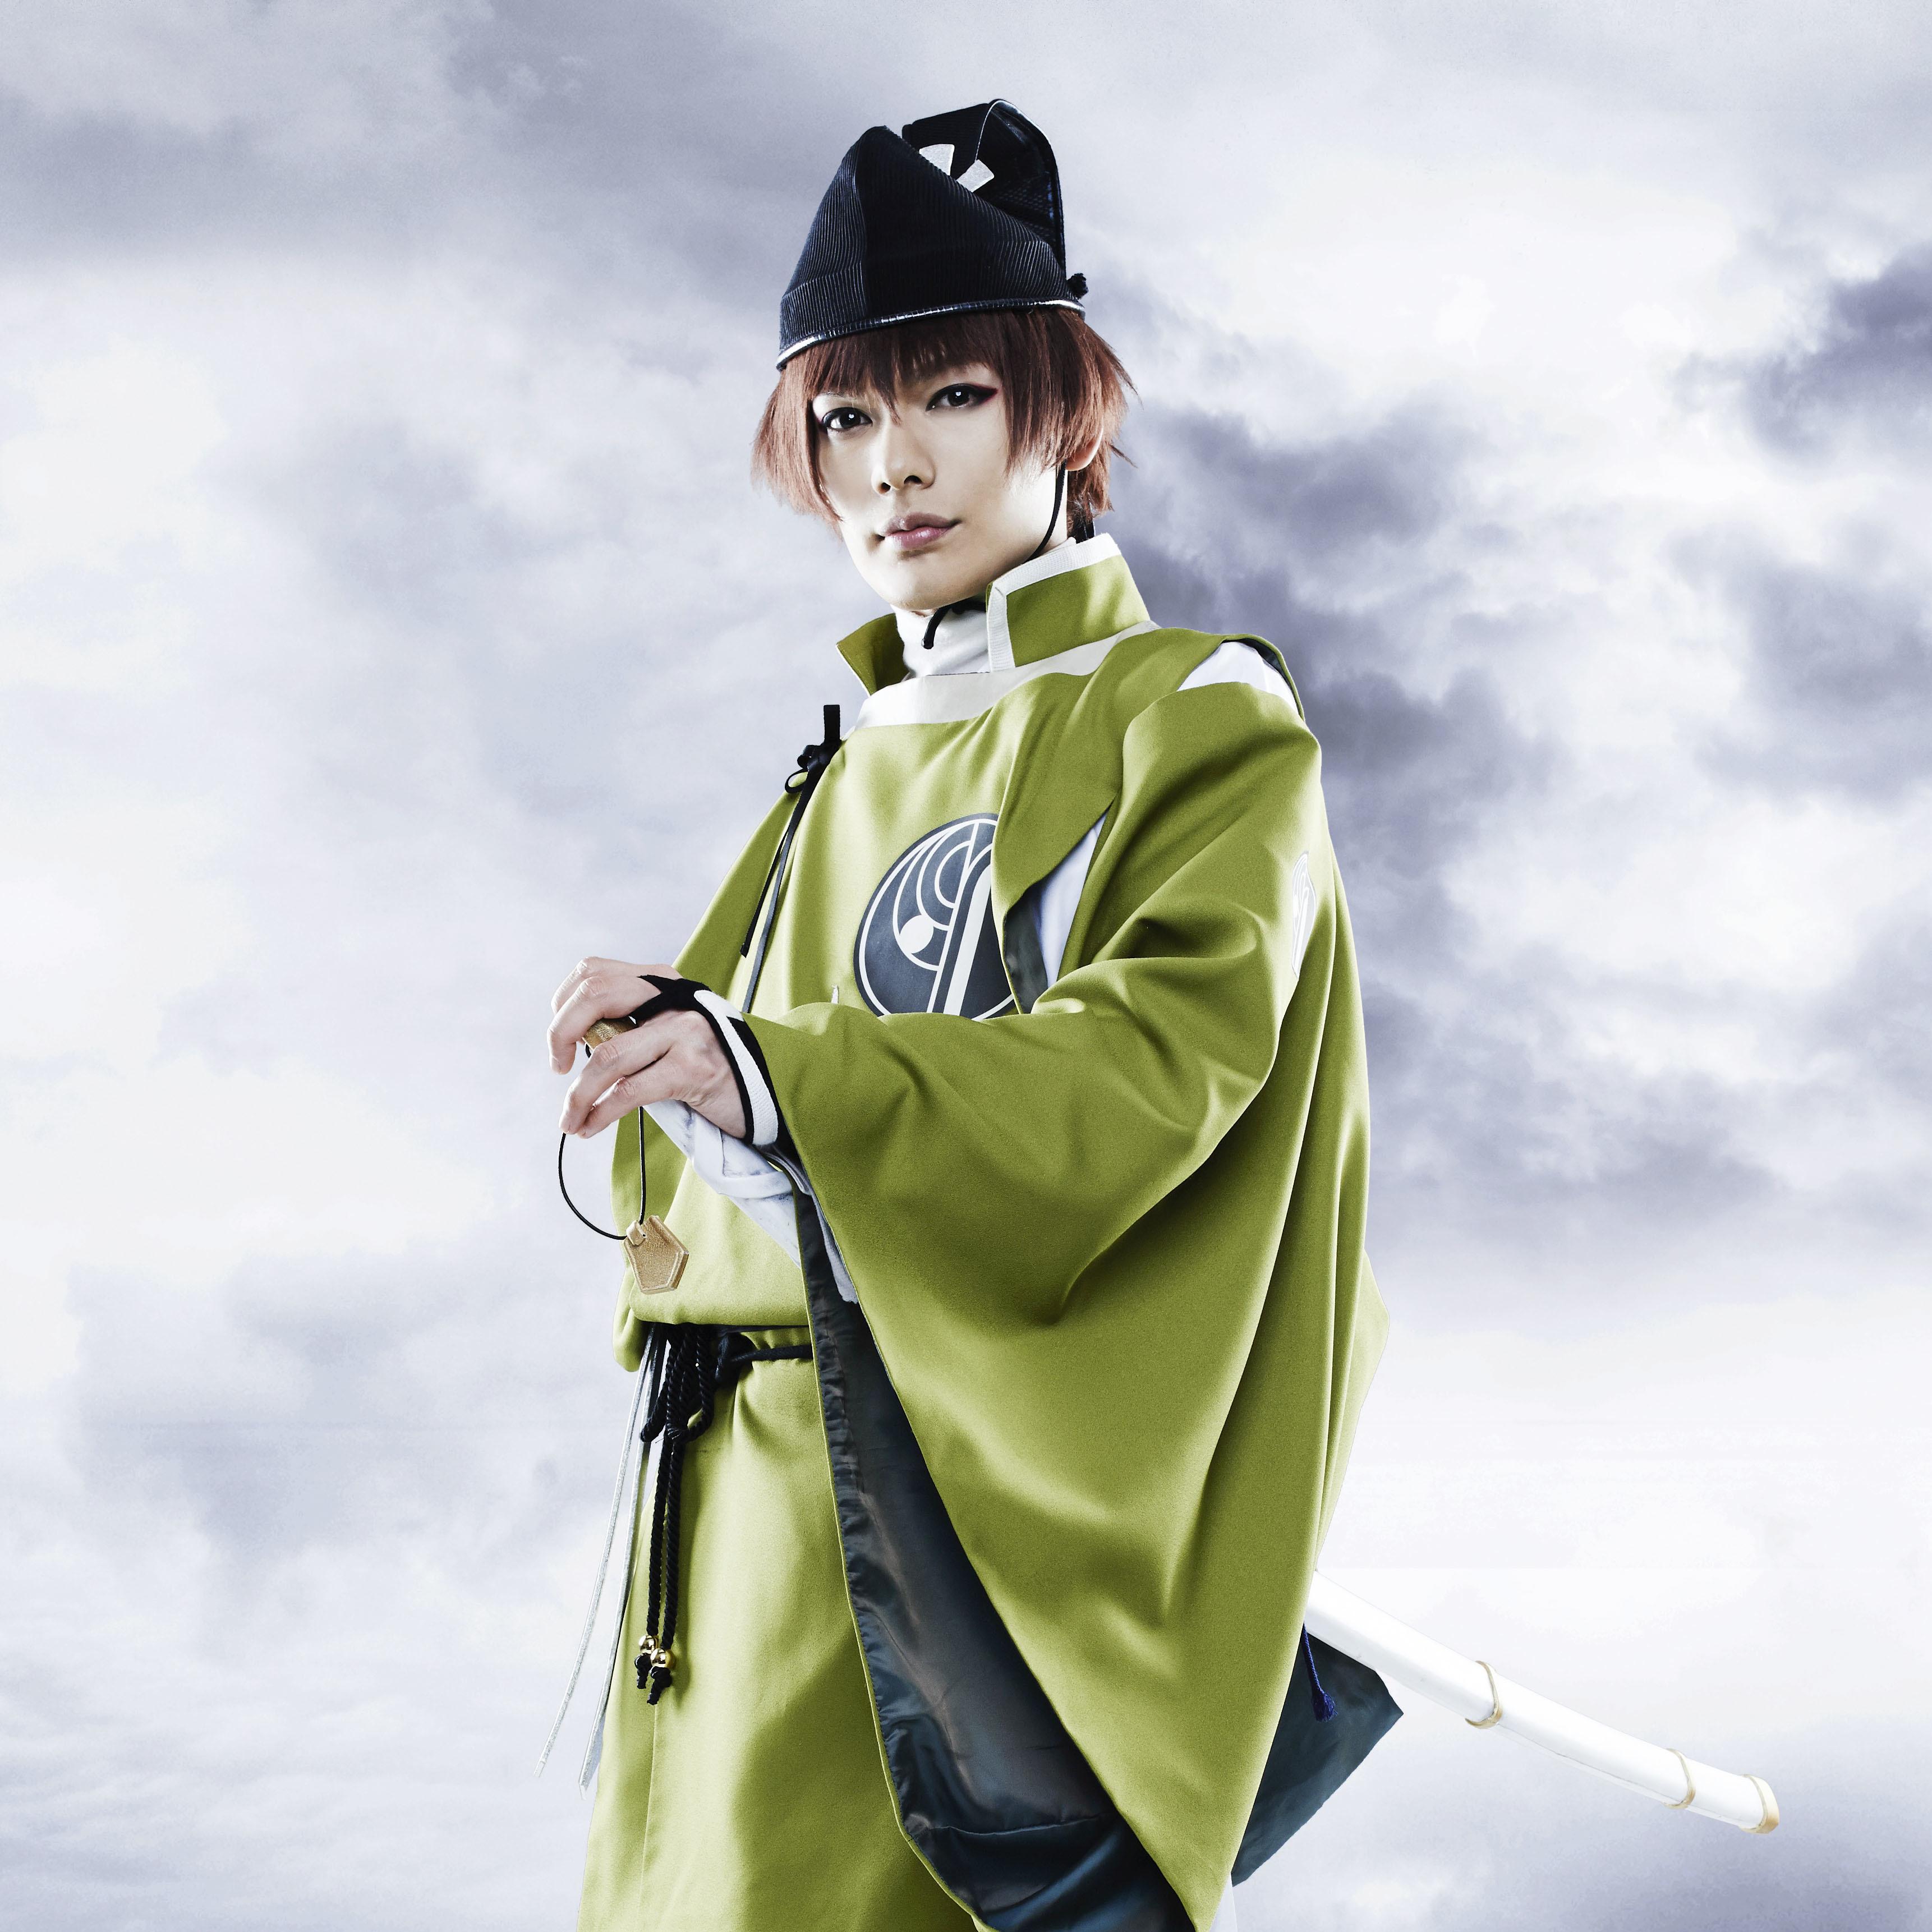 石切丸役 崎山つばさ Ⓒミュージカル『刀剣乱舞』製作委員会